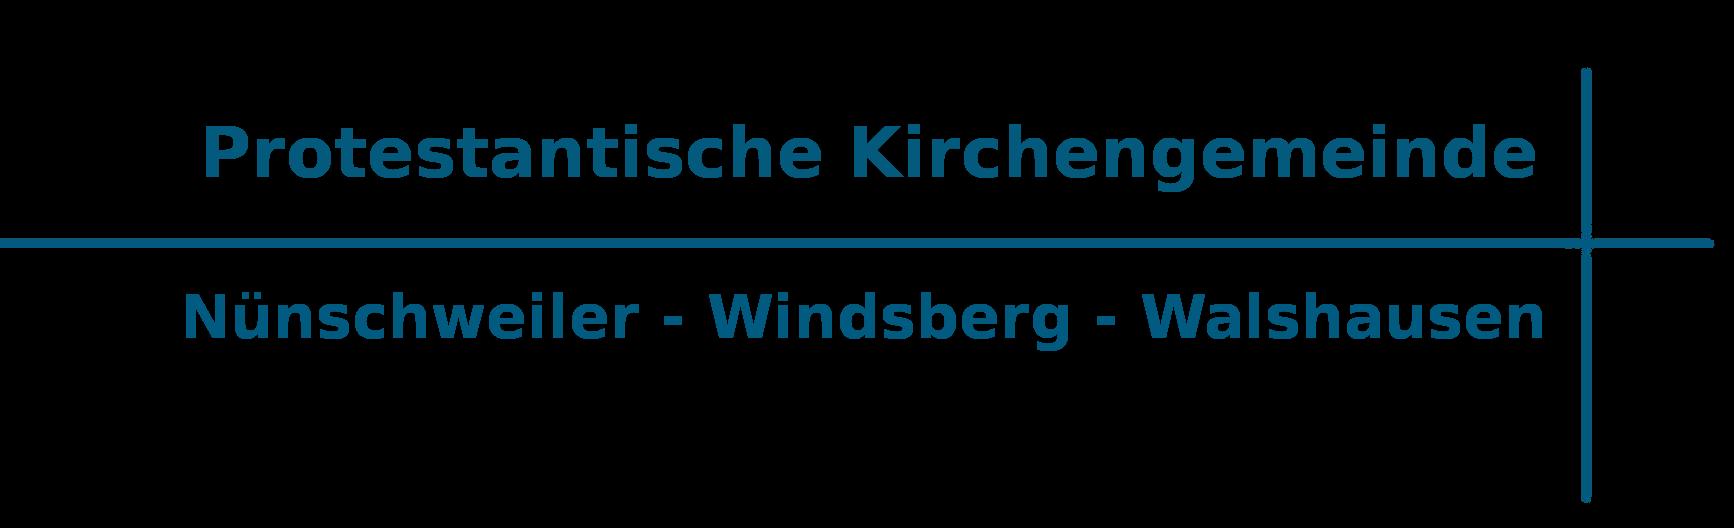 Prot. Kirchengemeinde Nünschweiler